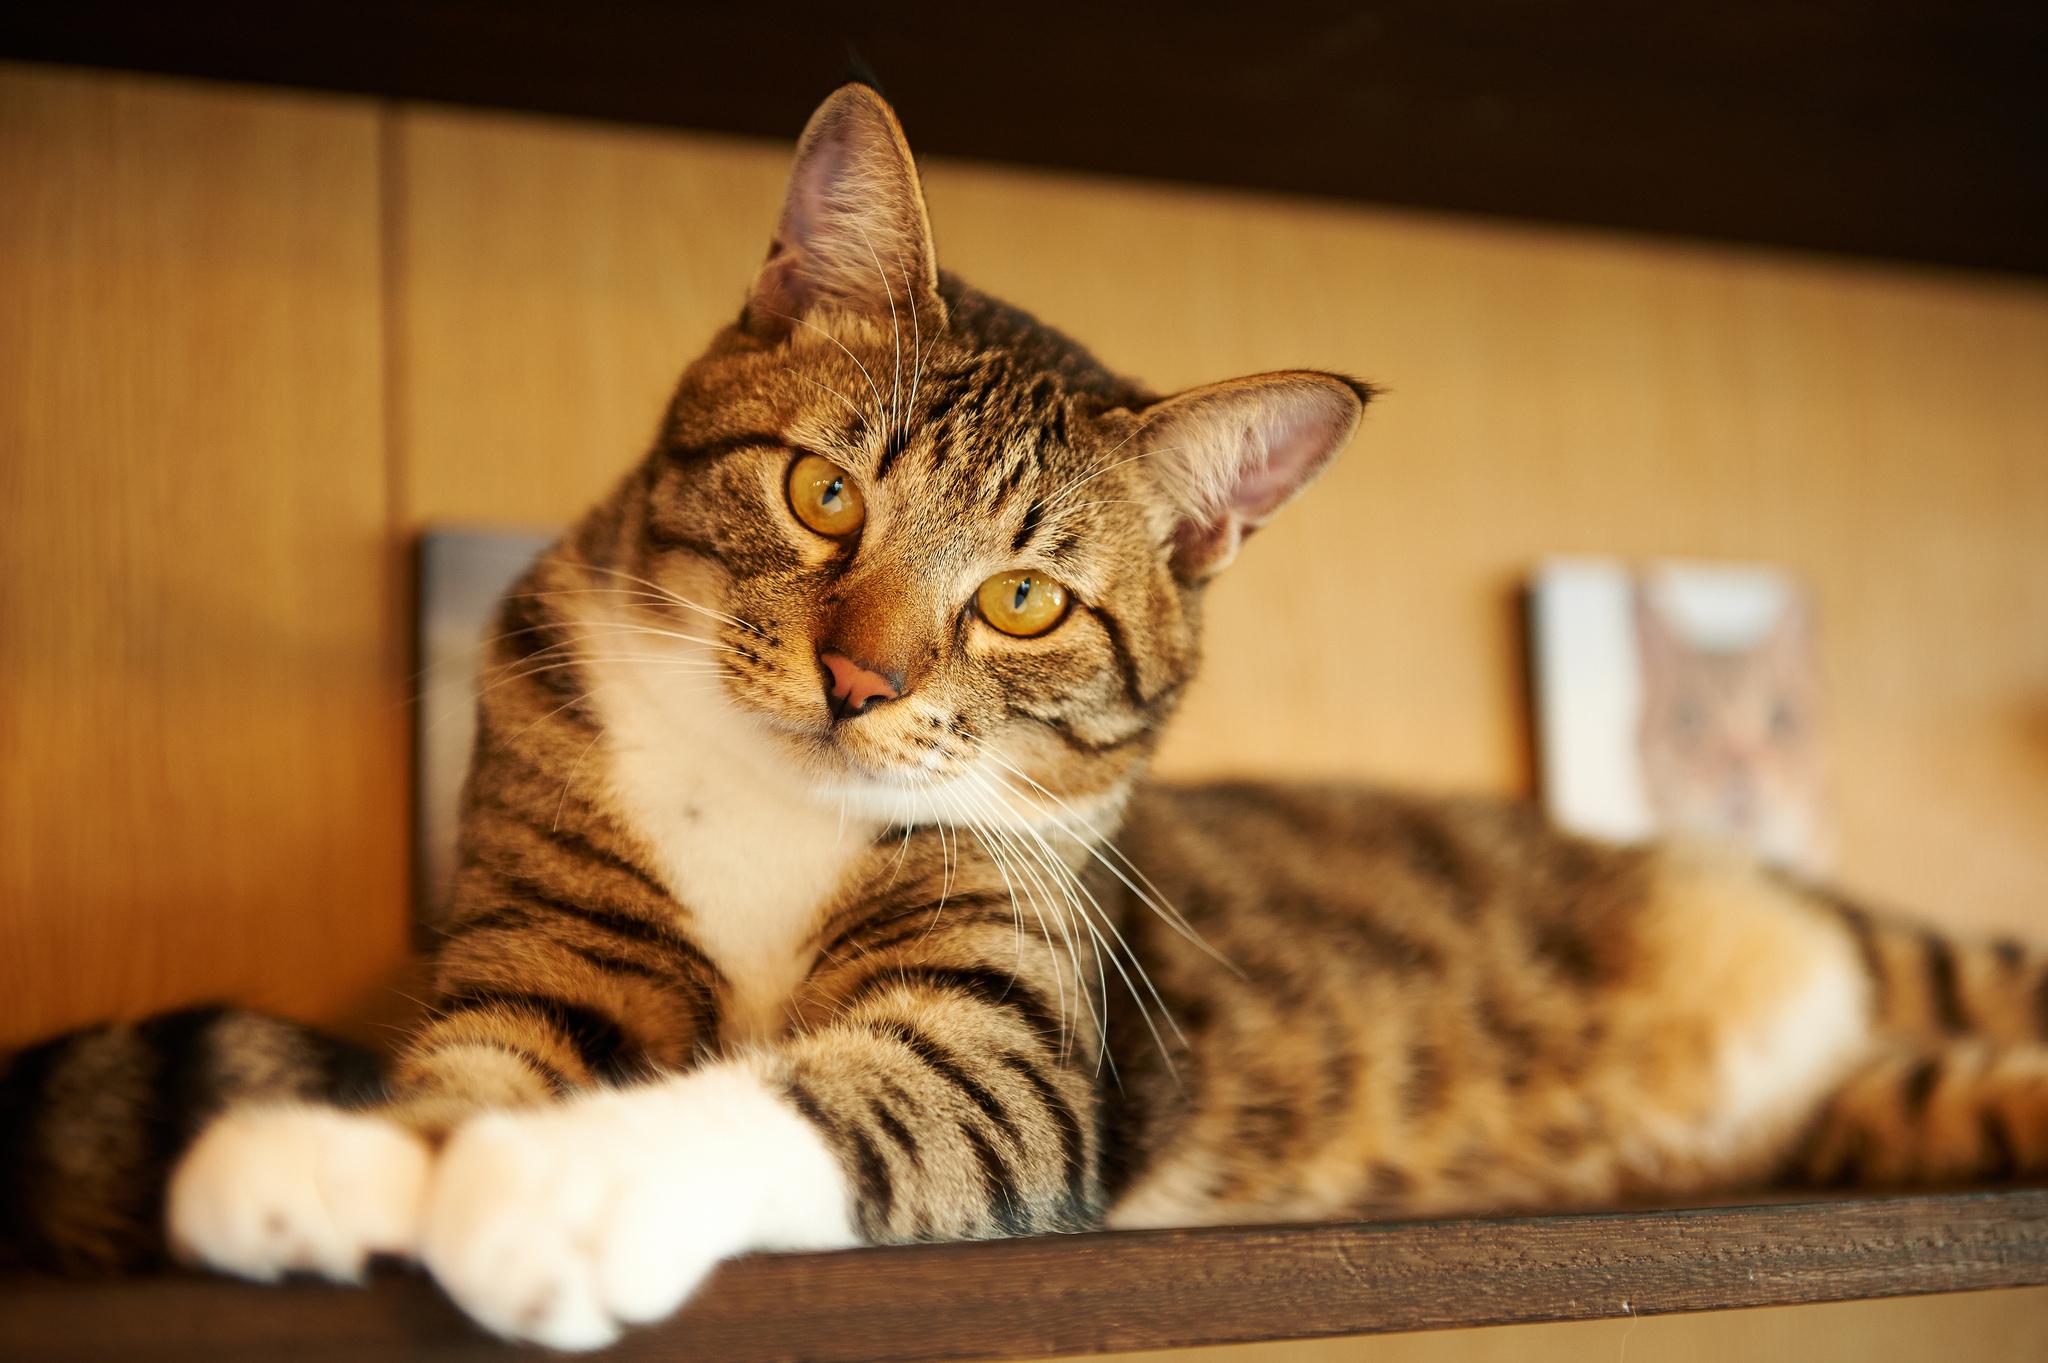 кот на полке cat on the shelf  № 1698006 загрузить